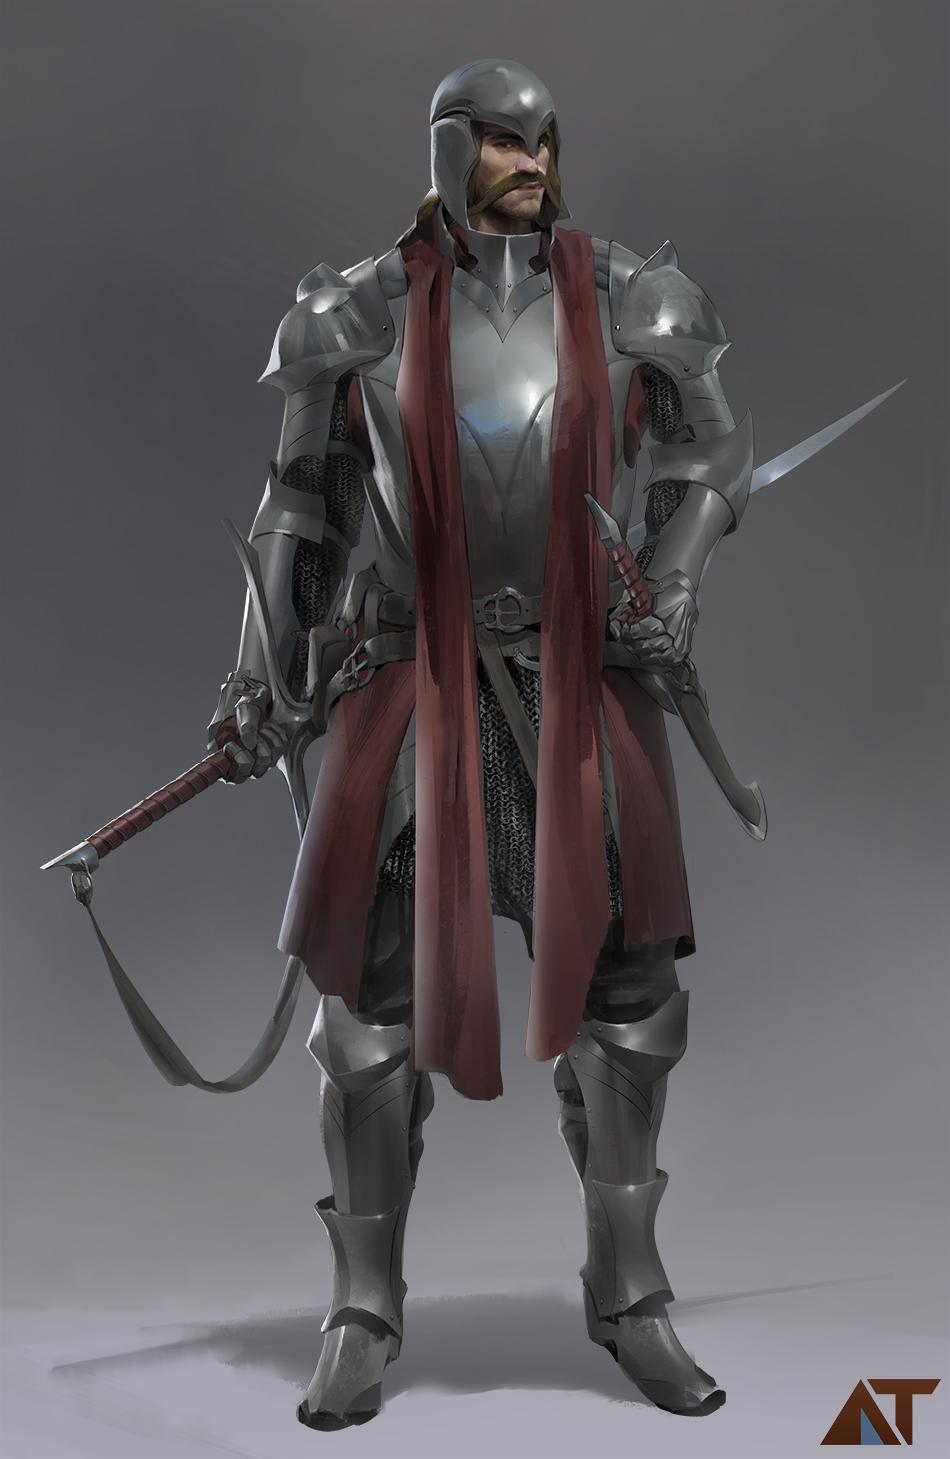 Knight_AT_01.jpg